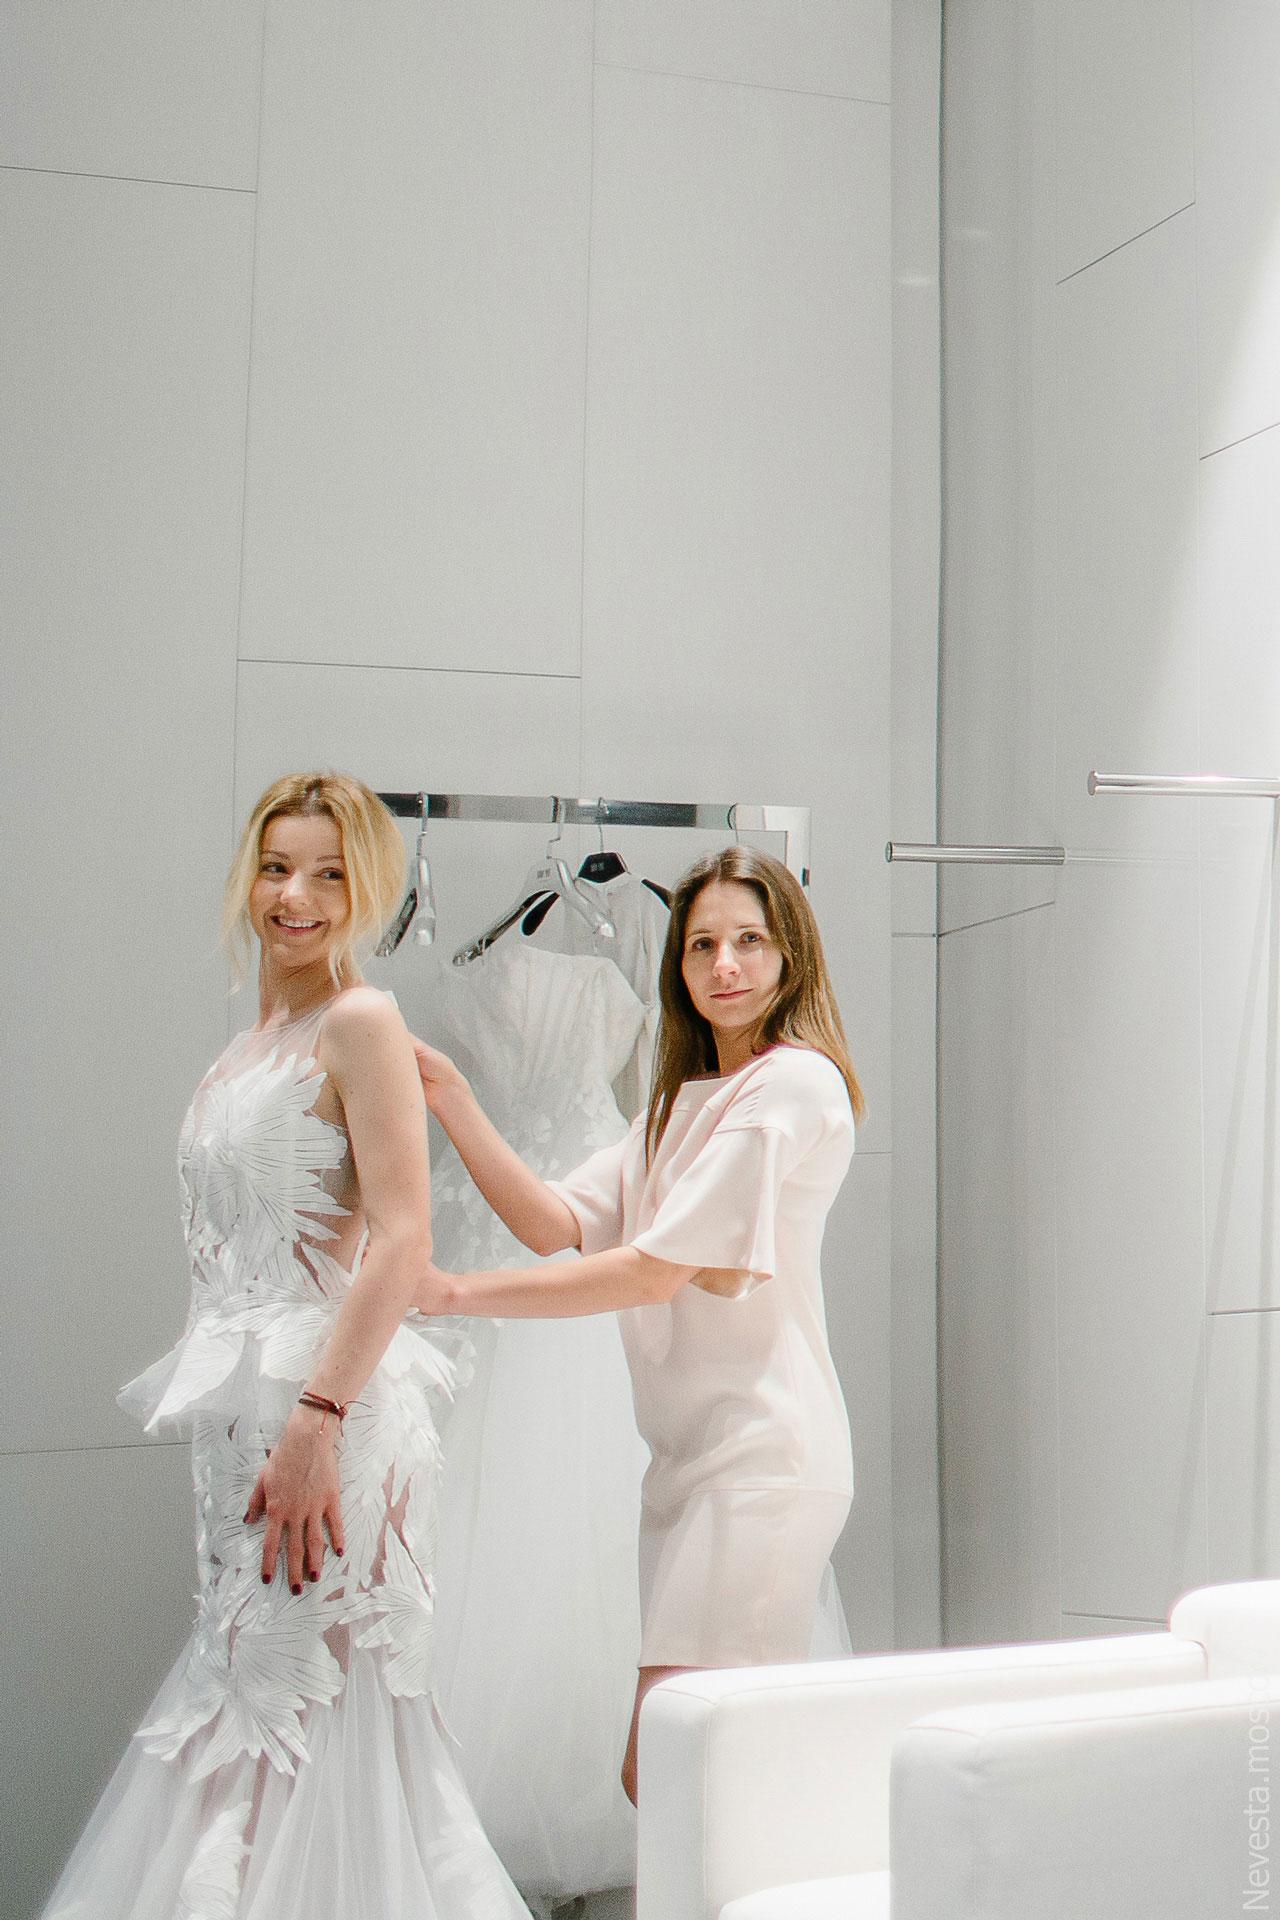 Юлианна Караулова примеряет образ для весенней свадьбы фото 4